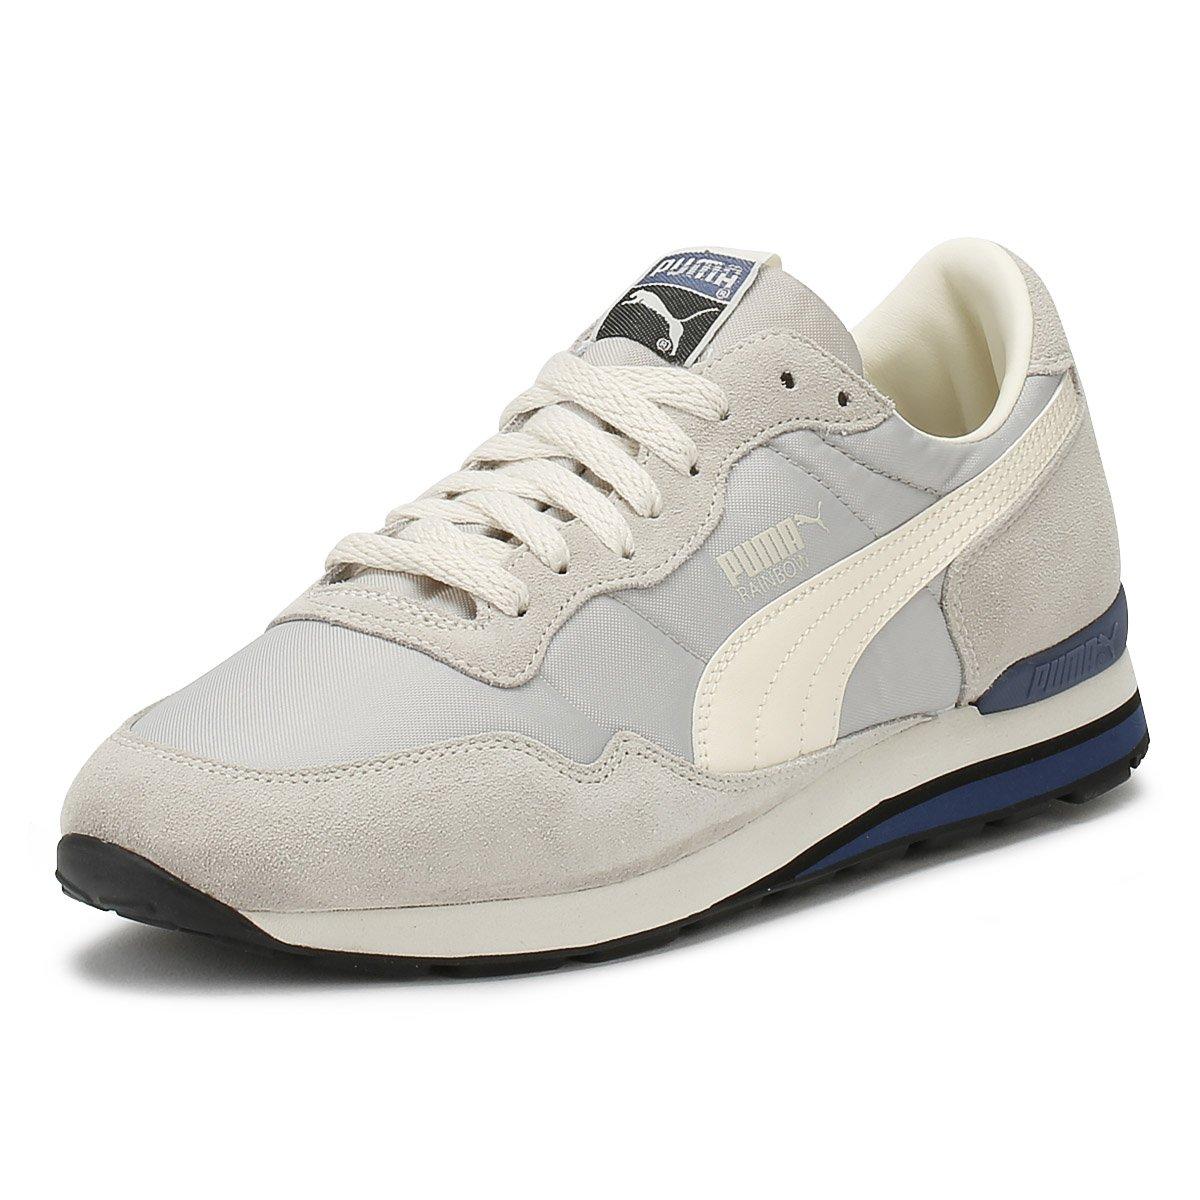 Puma Herren Grau/Indigo Rainbow SC Sneakers  39 EU